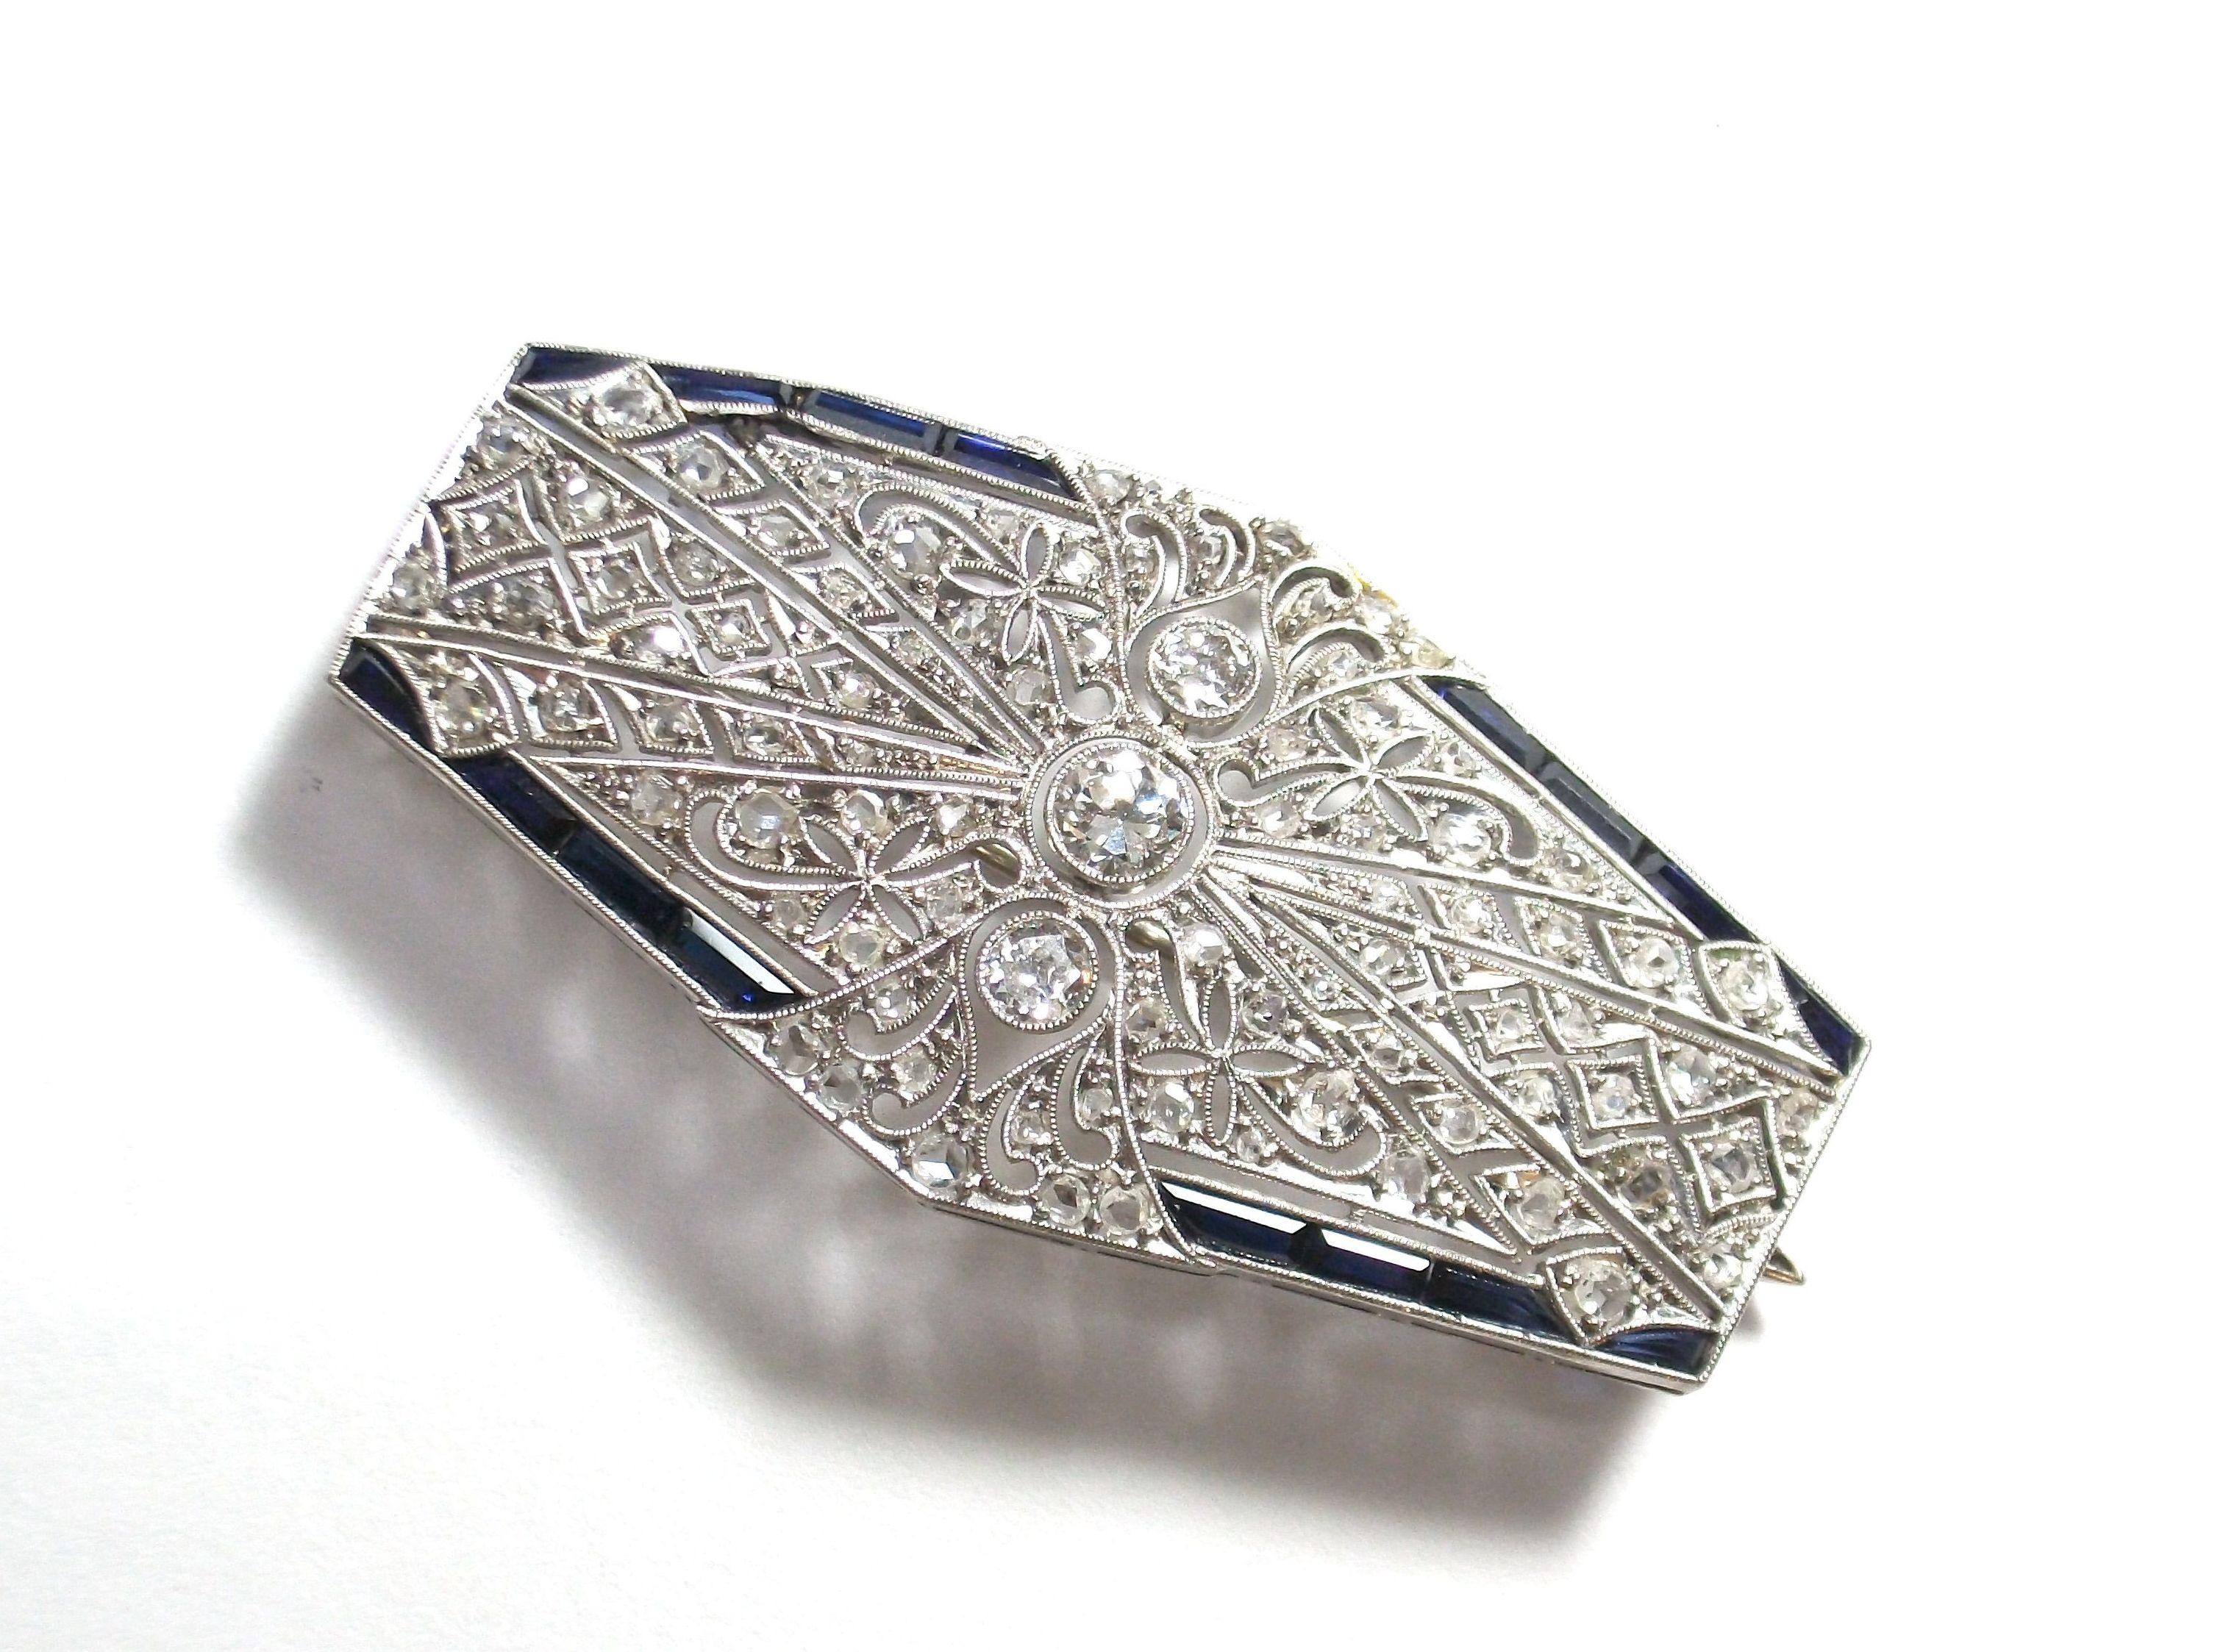 Broche Art Decó realizado en platino con tres brillantes, diamantes talla rosa y zafiros calibrados. Circa 1920-1930. VENDIDO